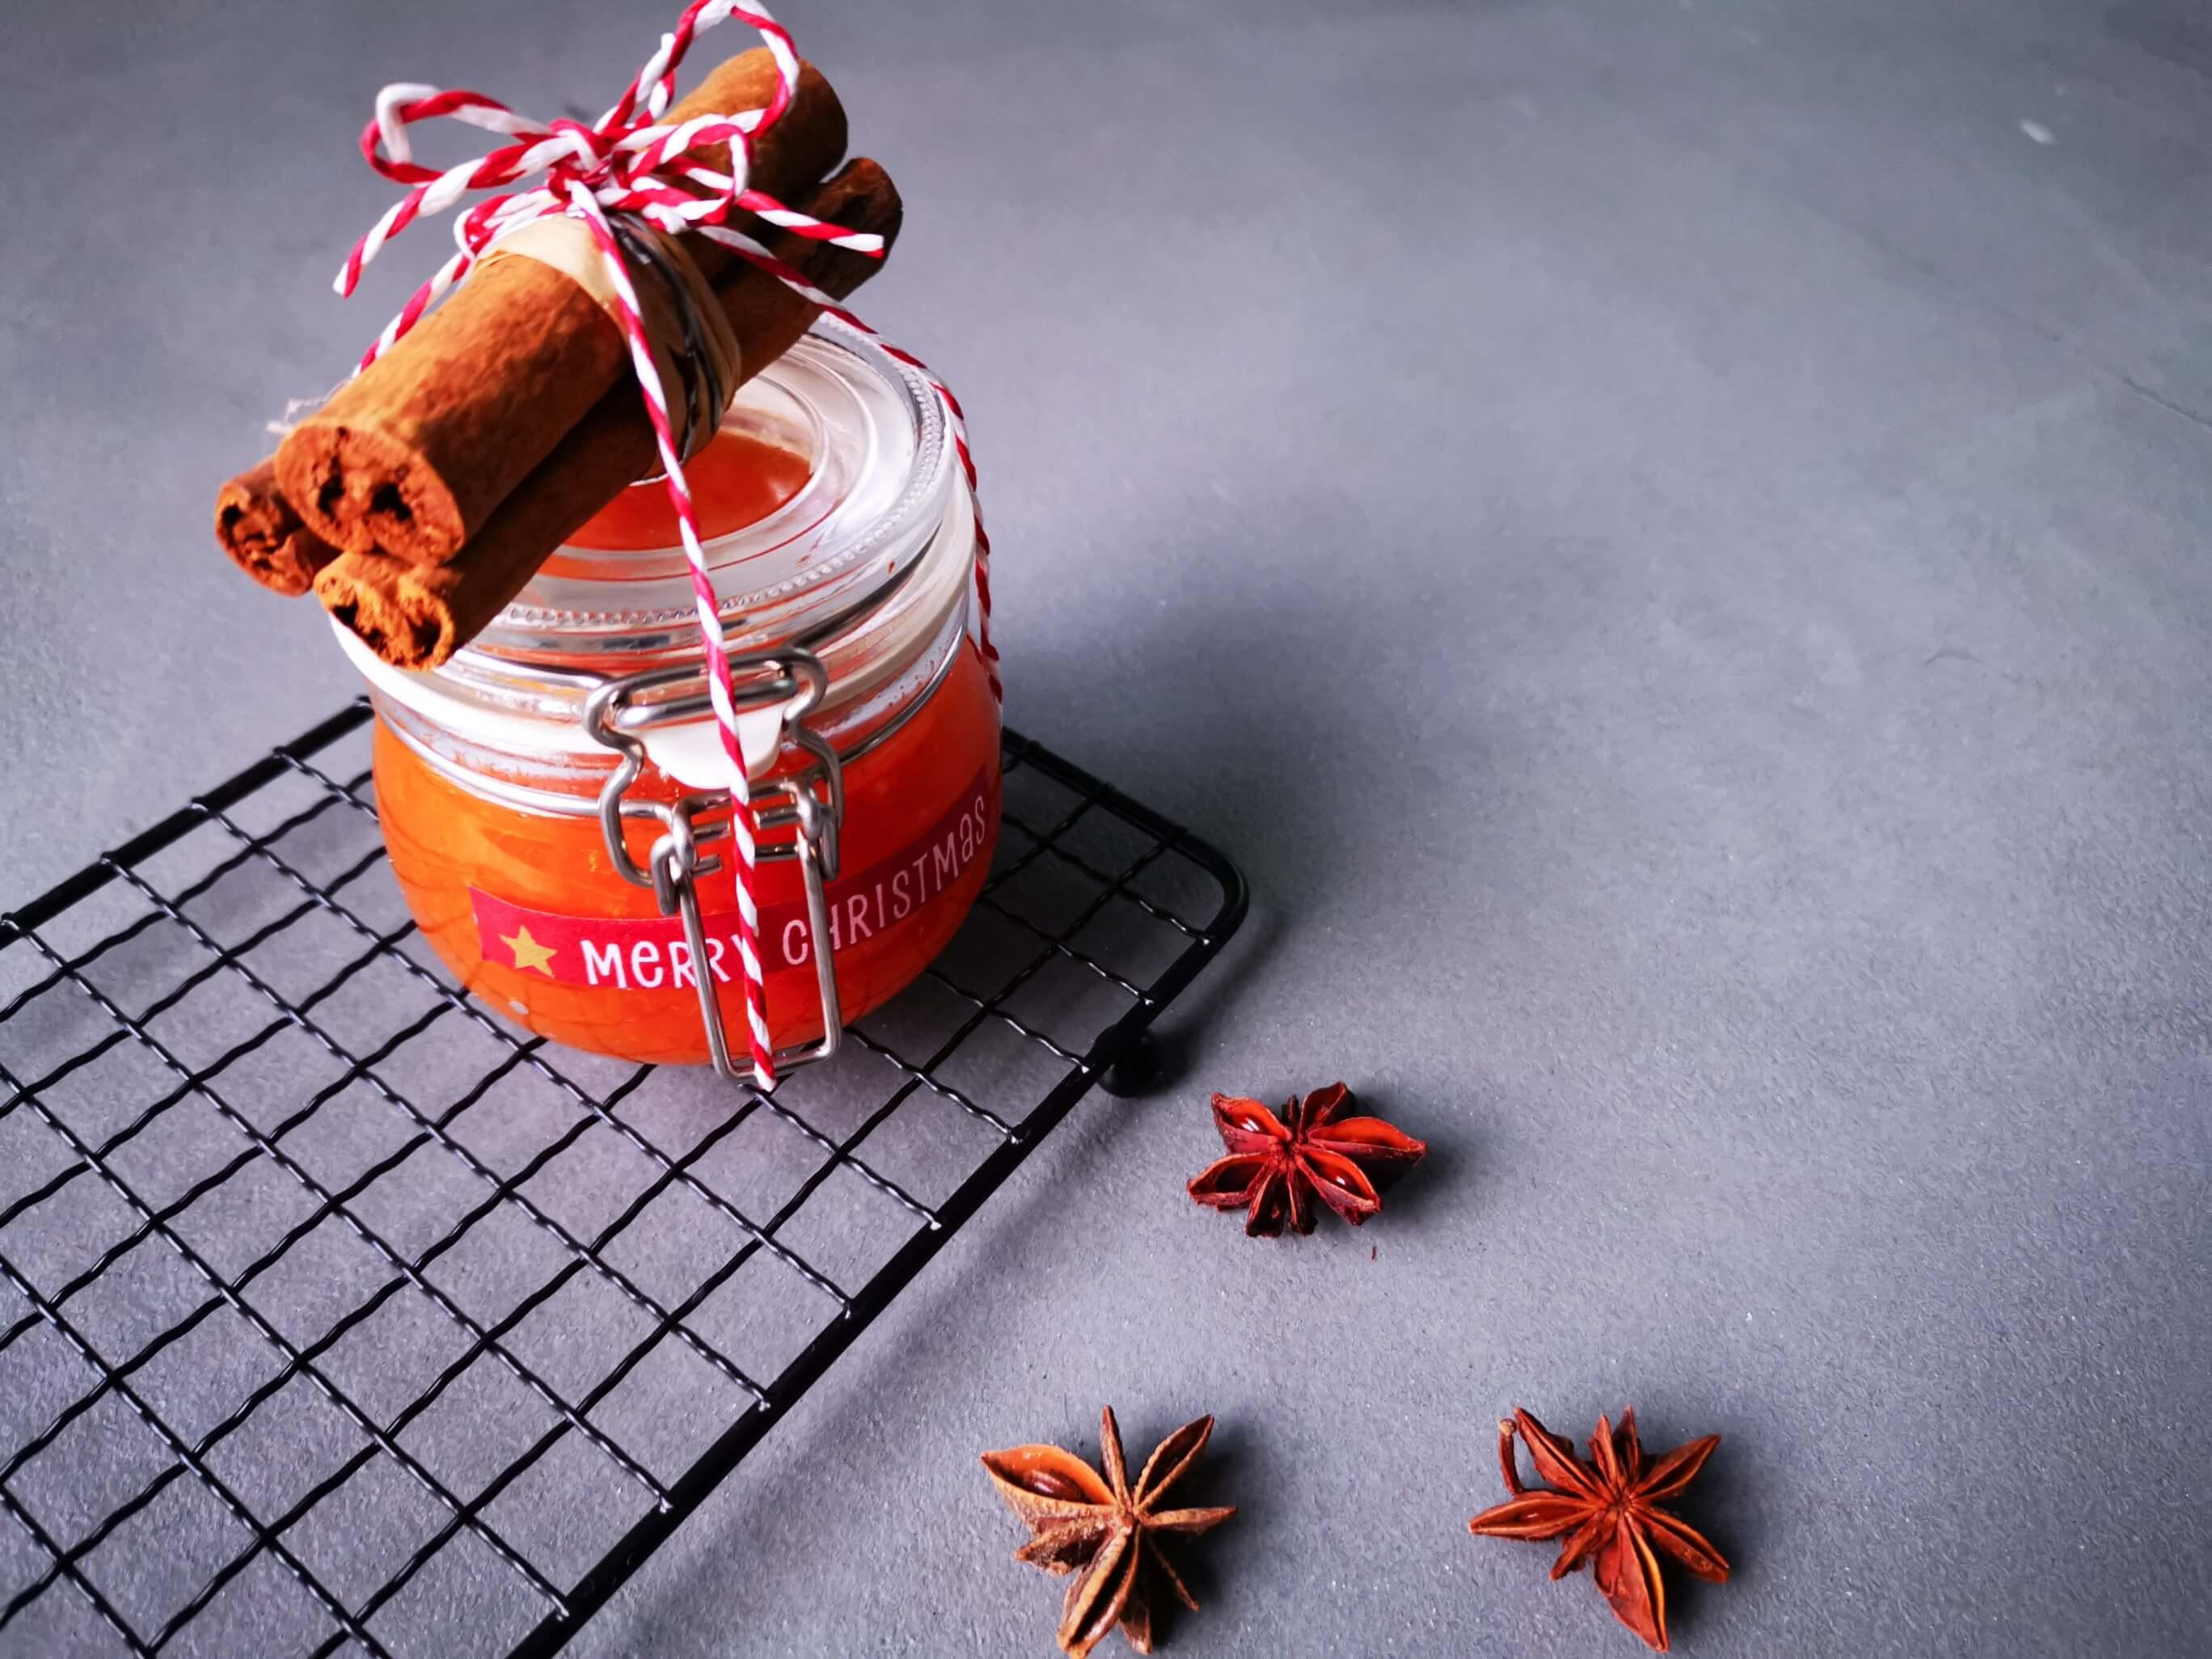 IMG 20191201 151844 resized 20191201 055653850 3 - Geschenke aus der Küche - so schmeckt Weihnachten!